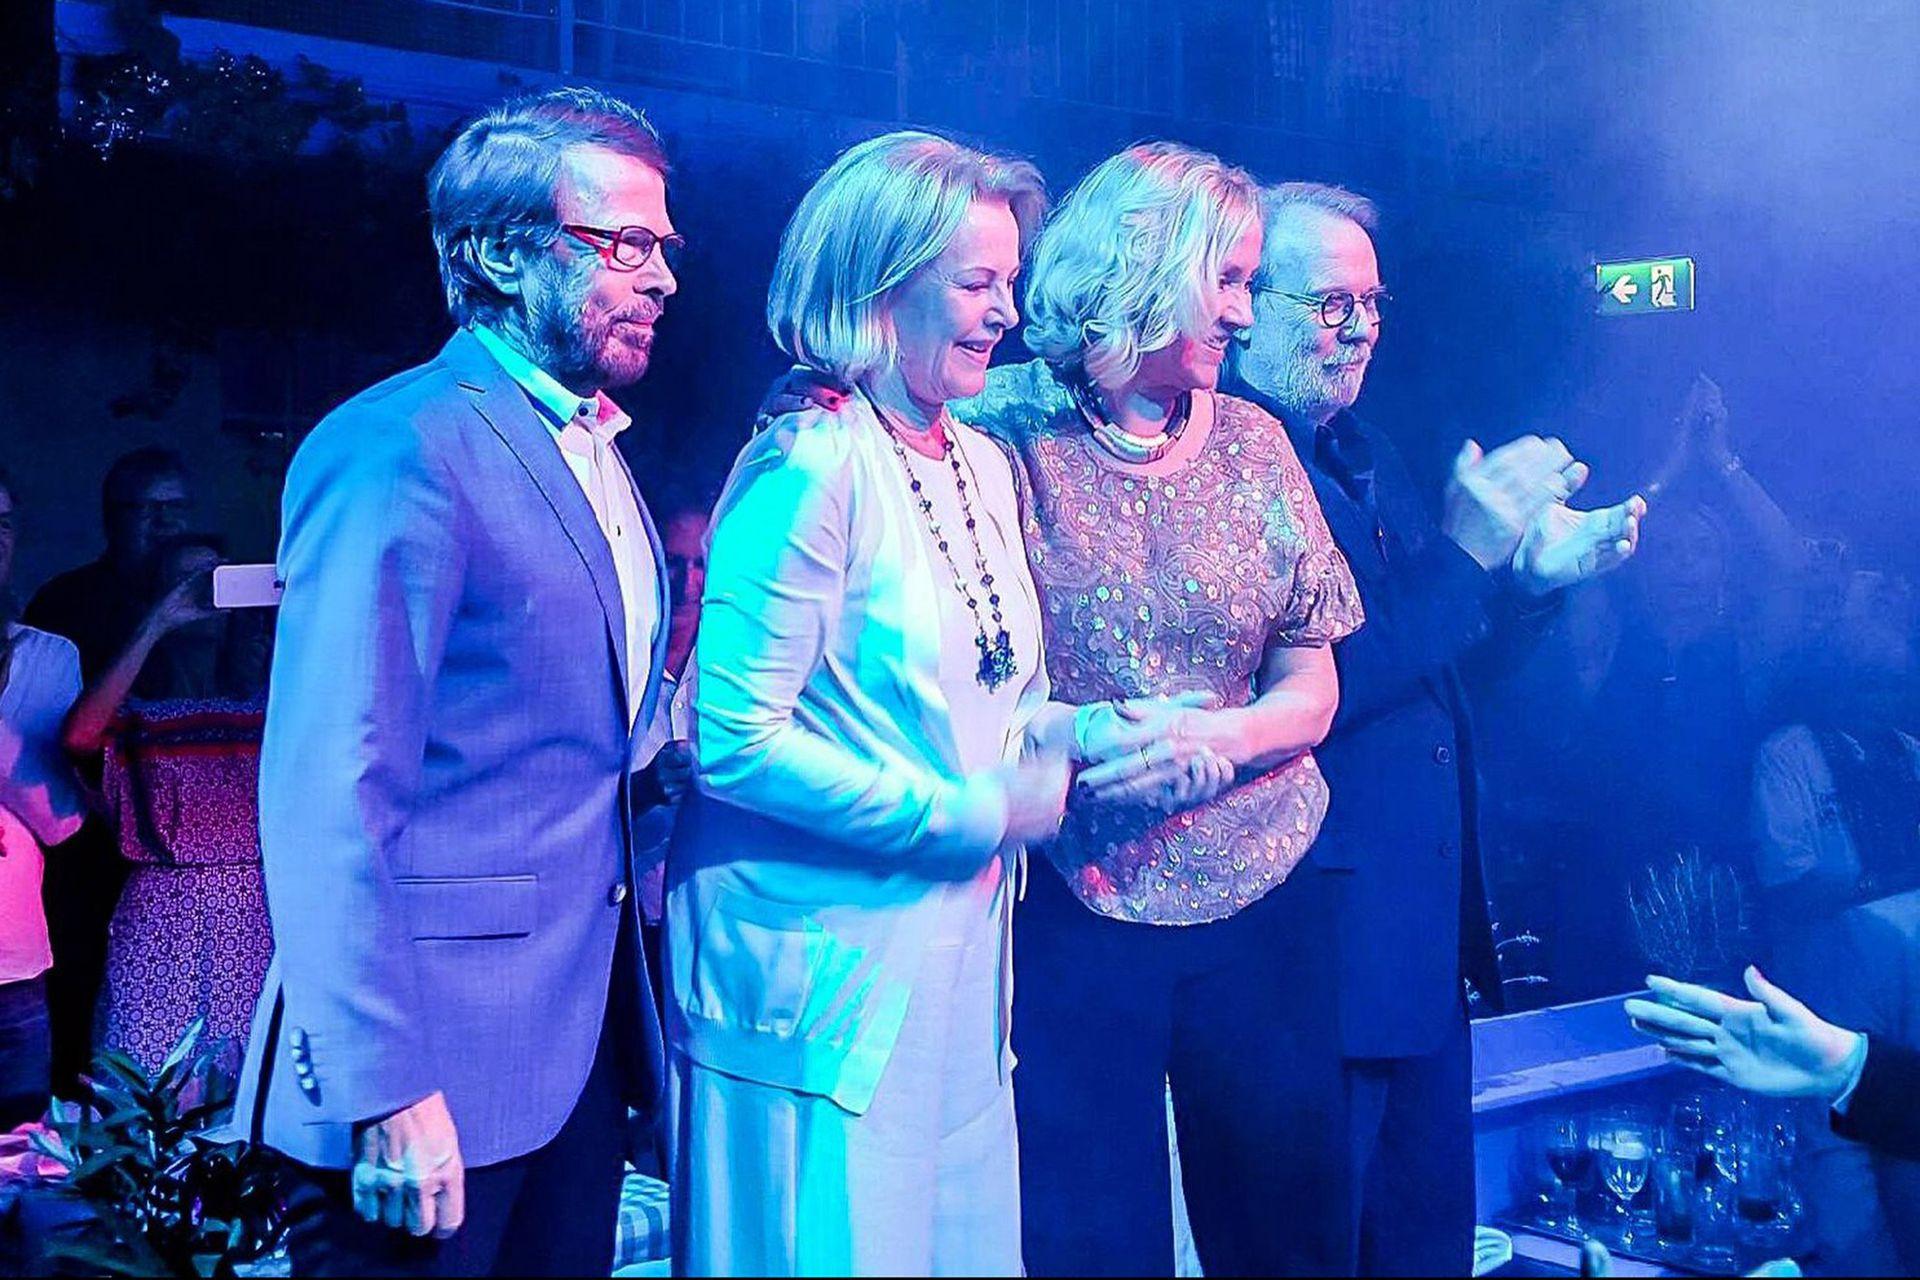 Bjorn Ulvaeus, Agnetha Faltskog, Benny Andersson y Anni-Frid Lyngstad en el estreno del musical Mamma Mia!, en Estocolmo